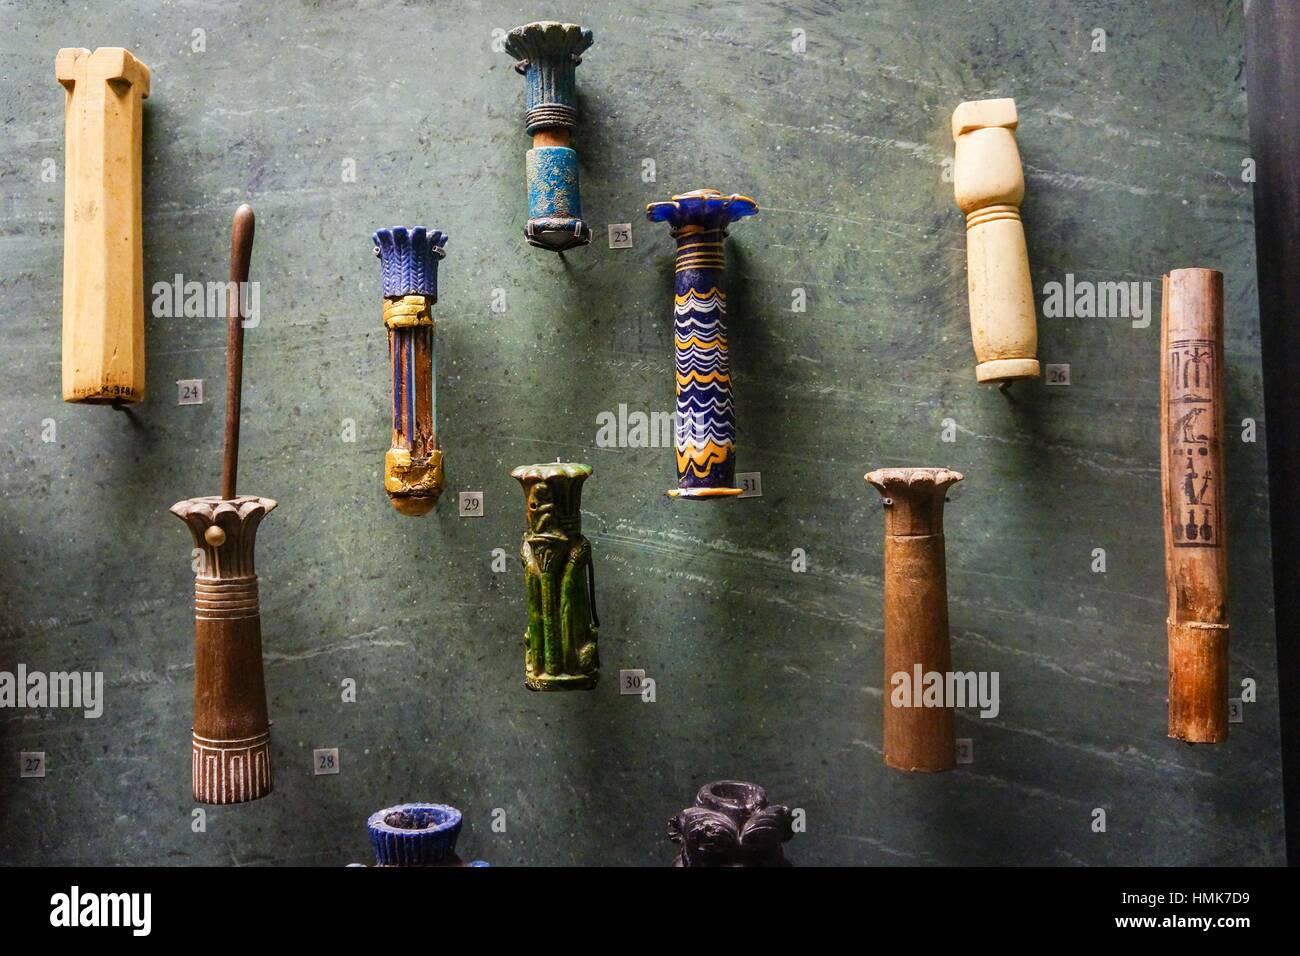 Kosmetischen Empfänger. Auflistung der ägyptischen Pharaonen. Louvre-Museum. Paris. Frankreich. Stockbild